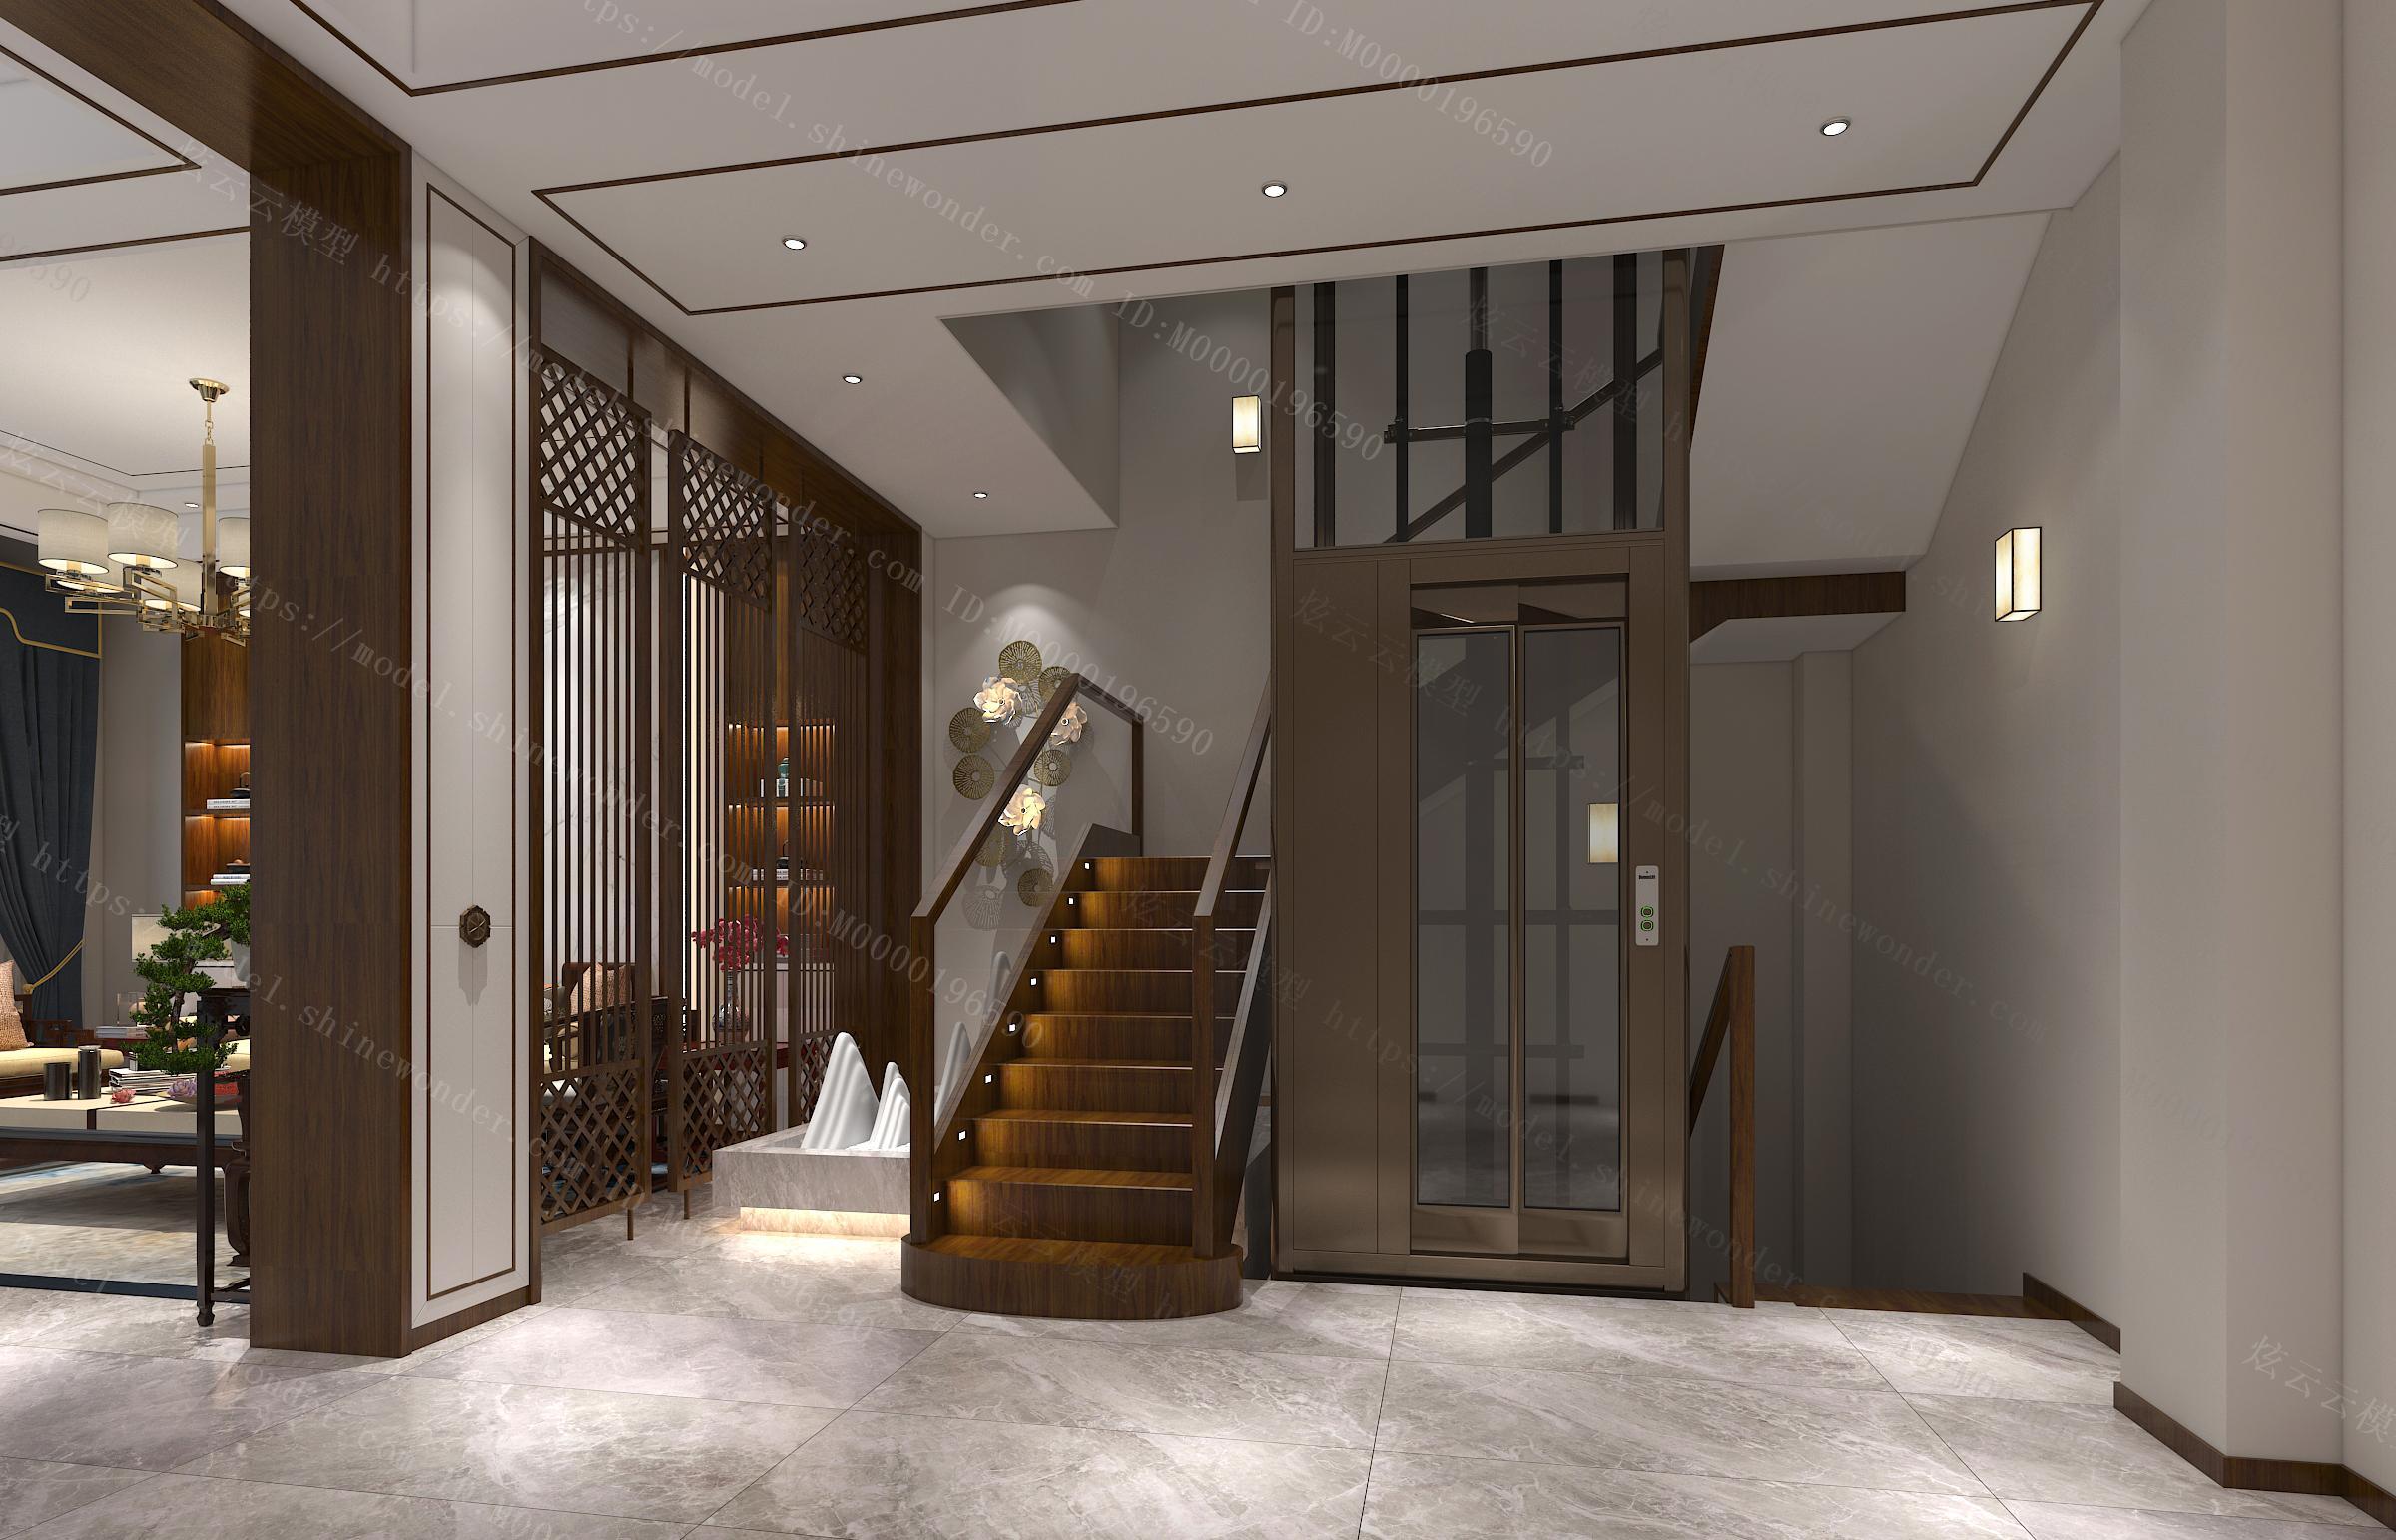 中式客厅楼梯电梯模型